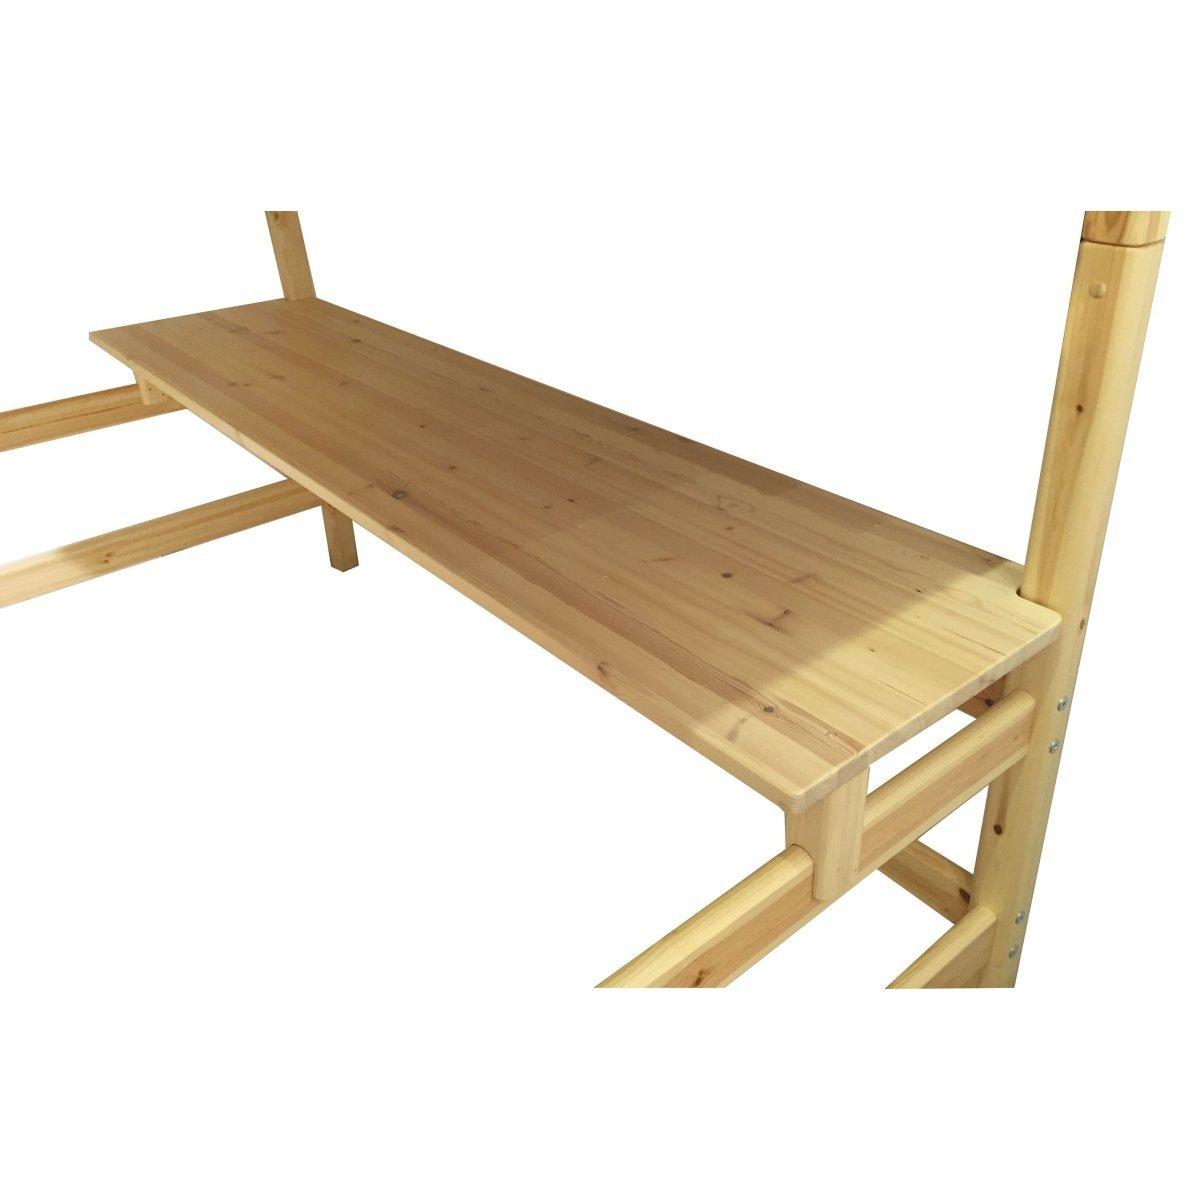 schreibtischplatte 200 hochbetten natur 82 50112 1 168. Black Bedroom Furniture Sets. Home Design Ideas